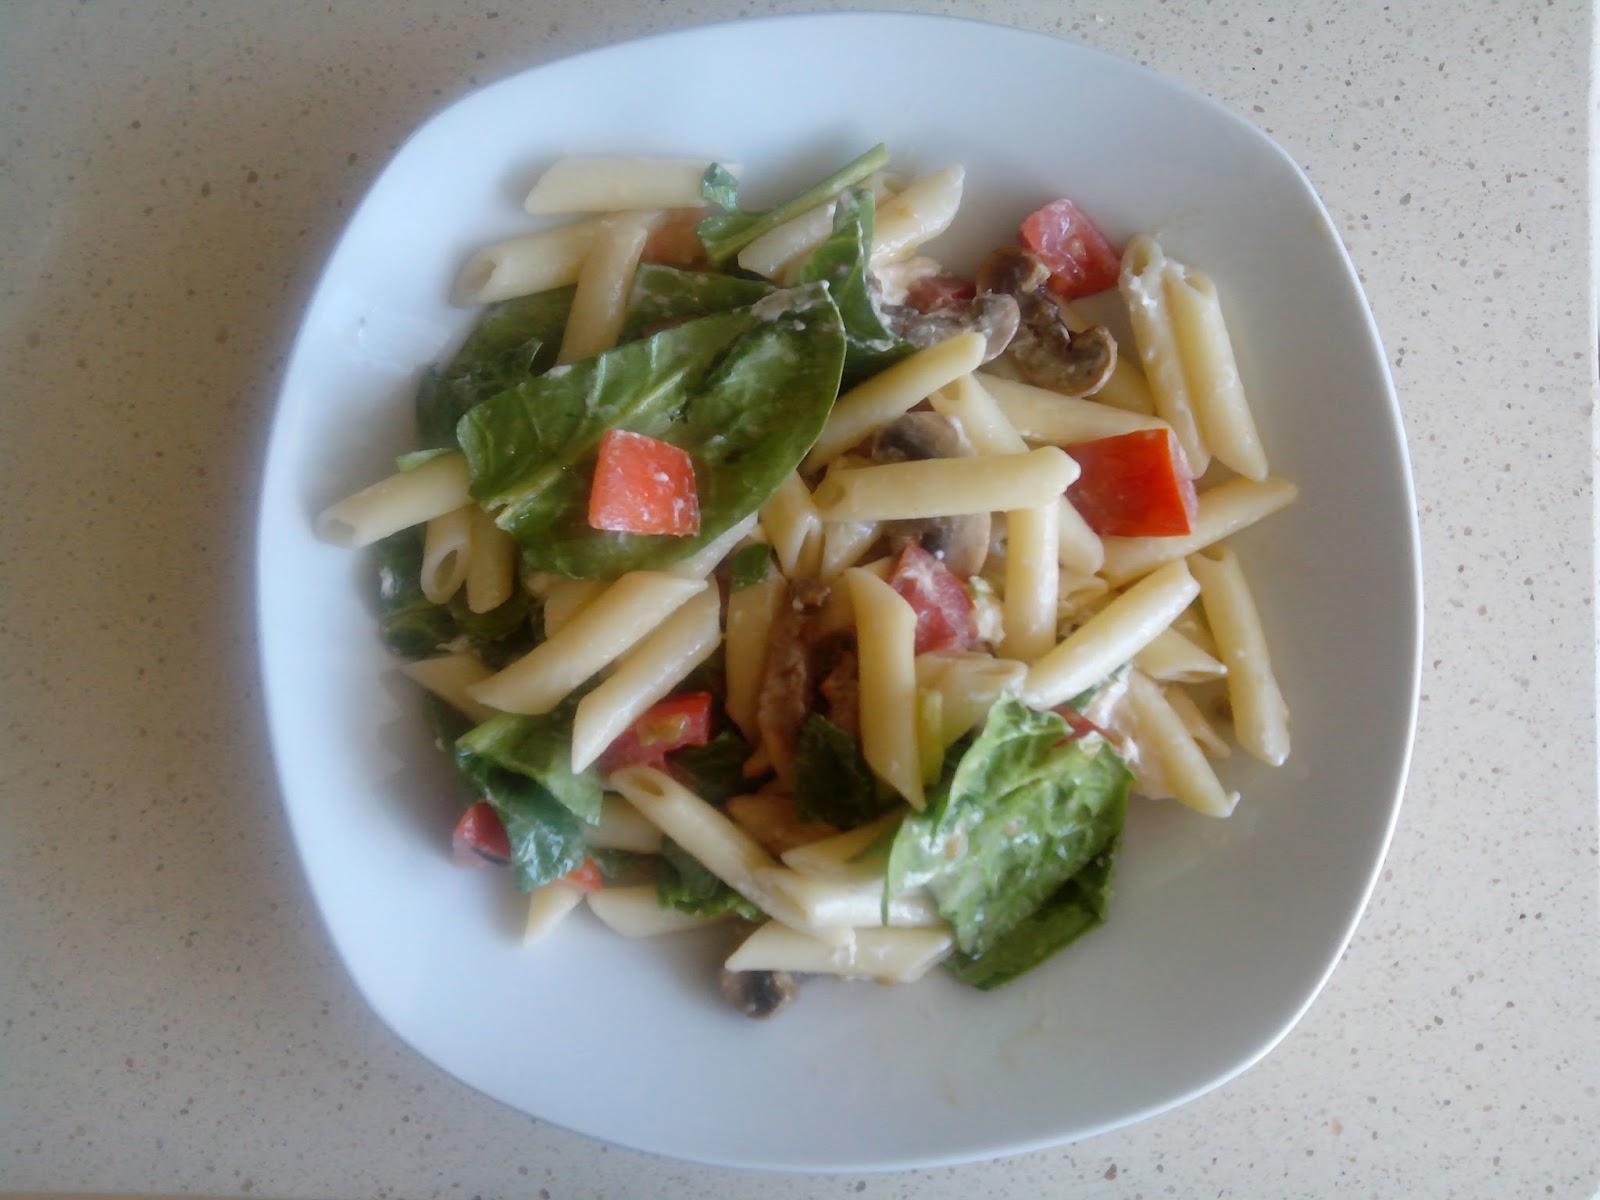 ensalada-pasta-fitness